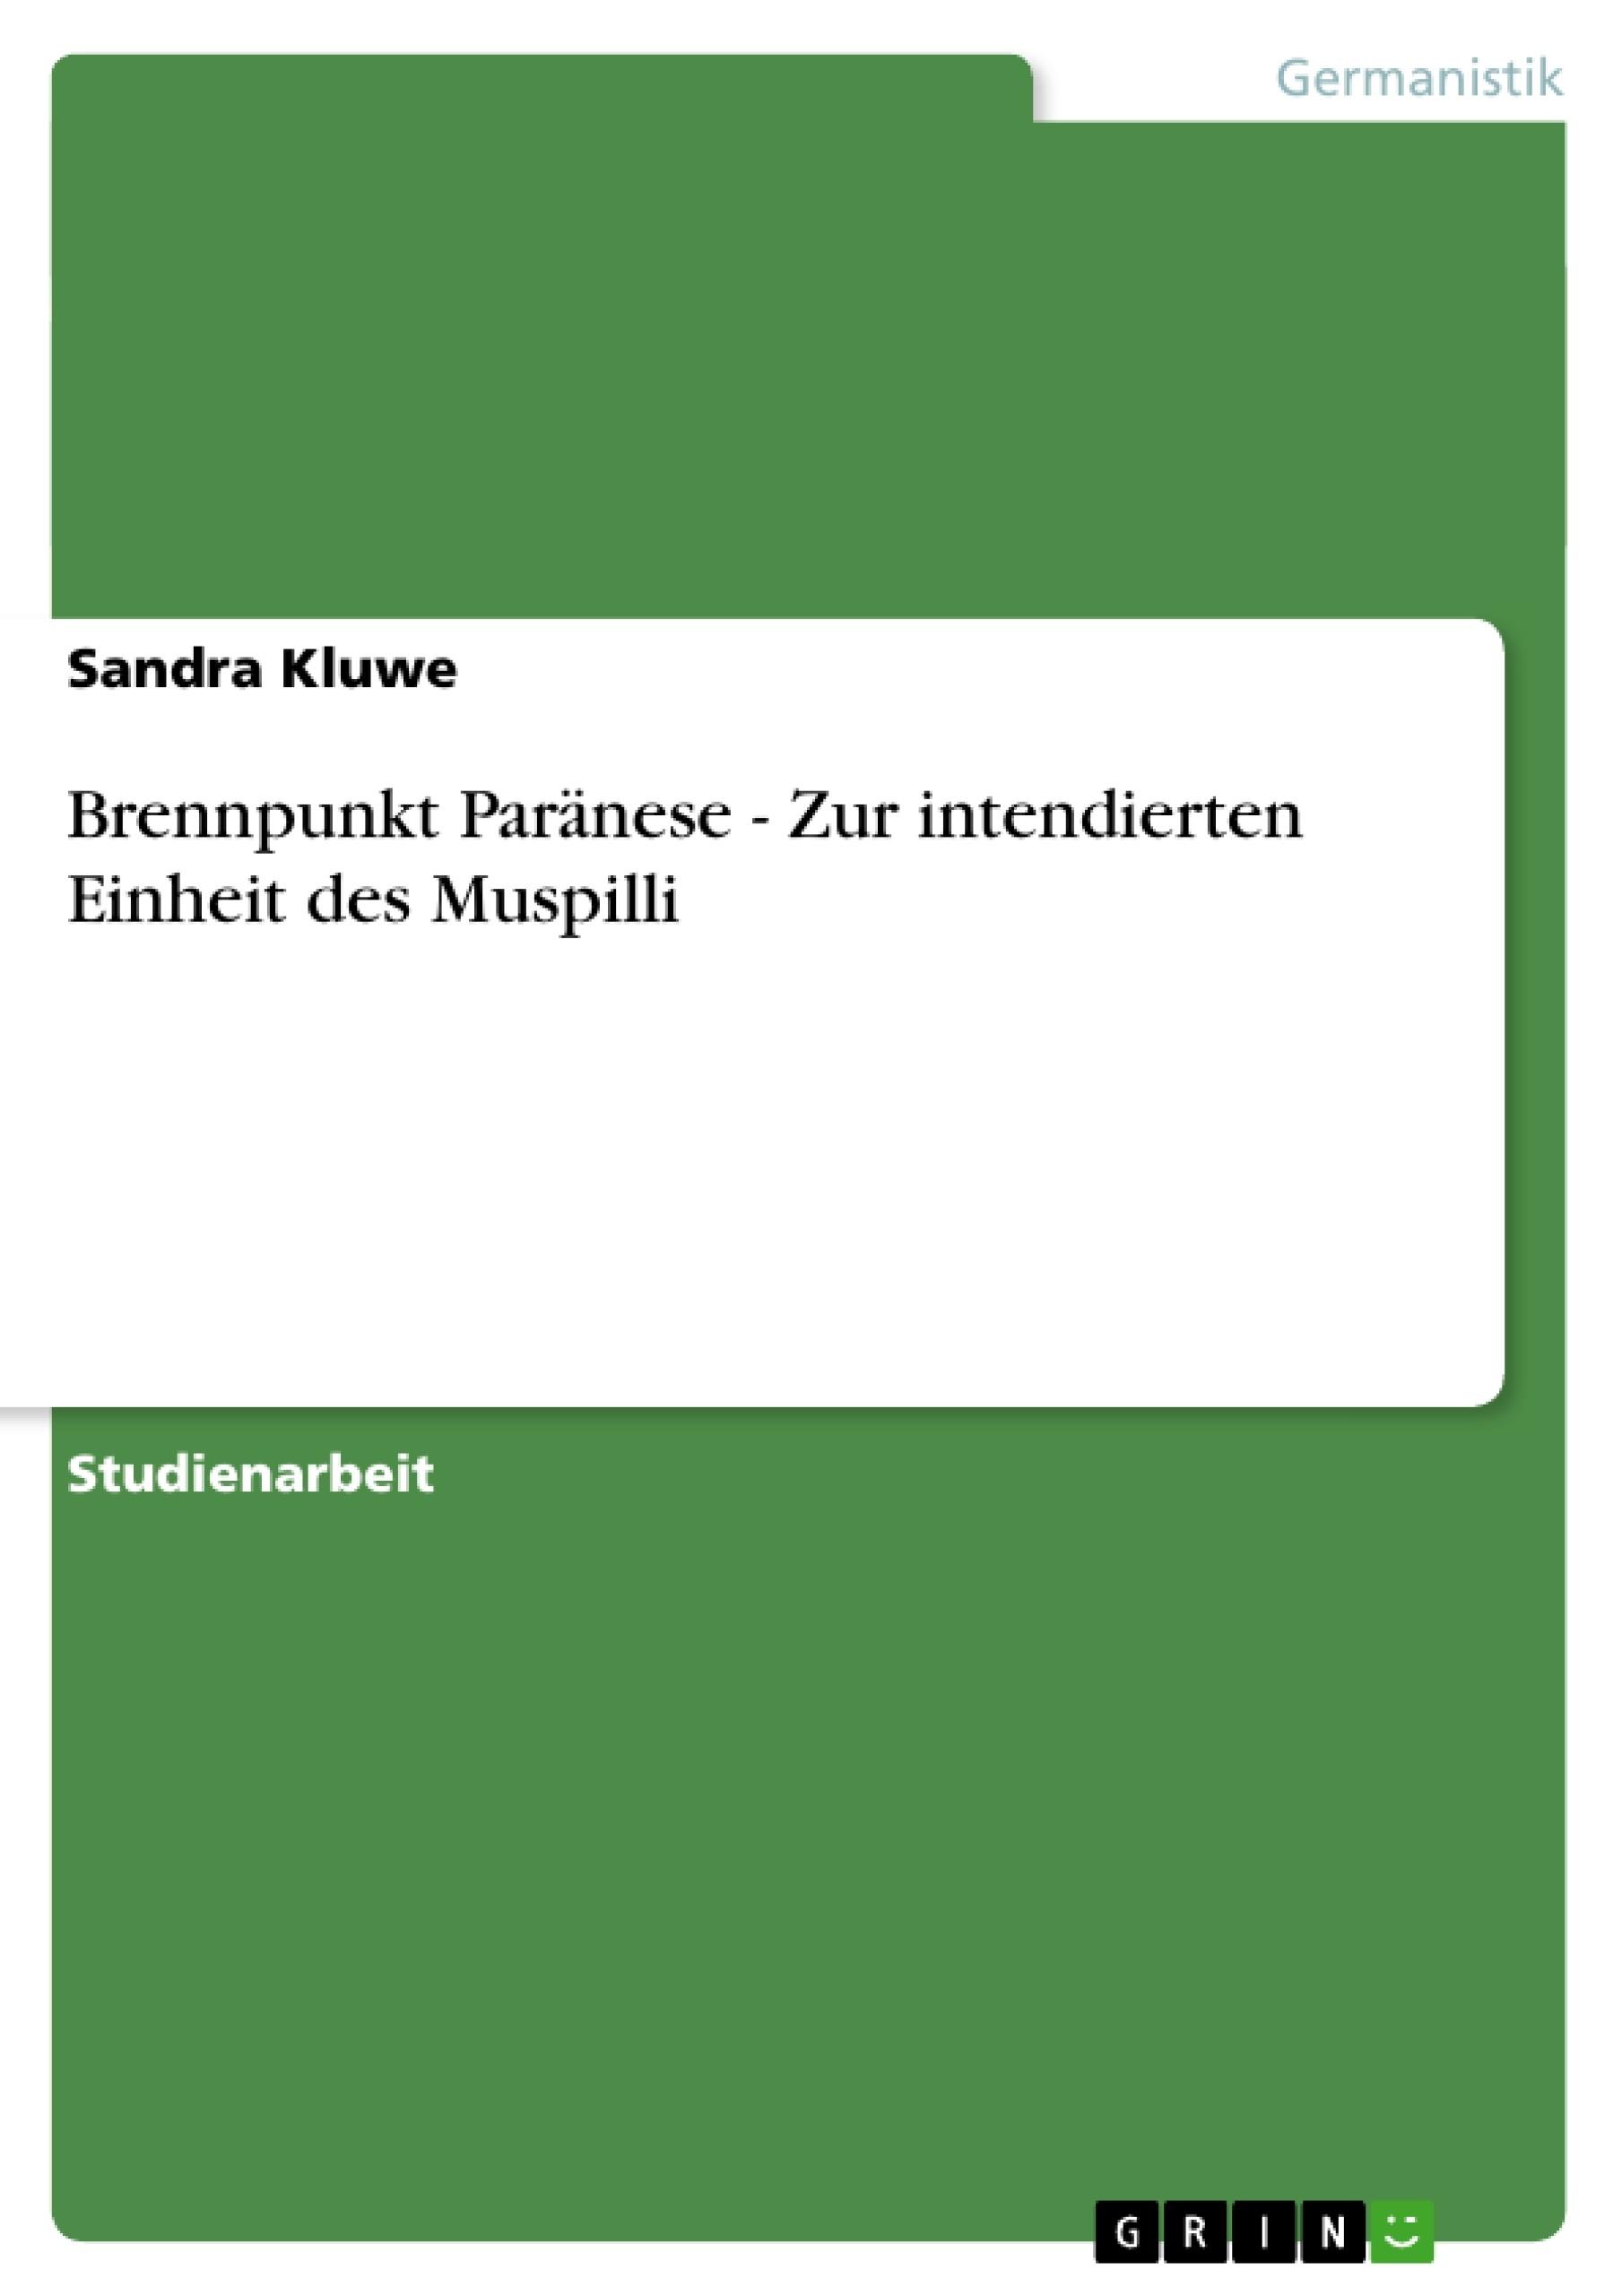 Titel: Brennpunkt Paränese - Zur intendierten Einheit des Muspilli